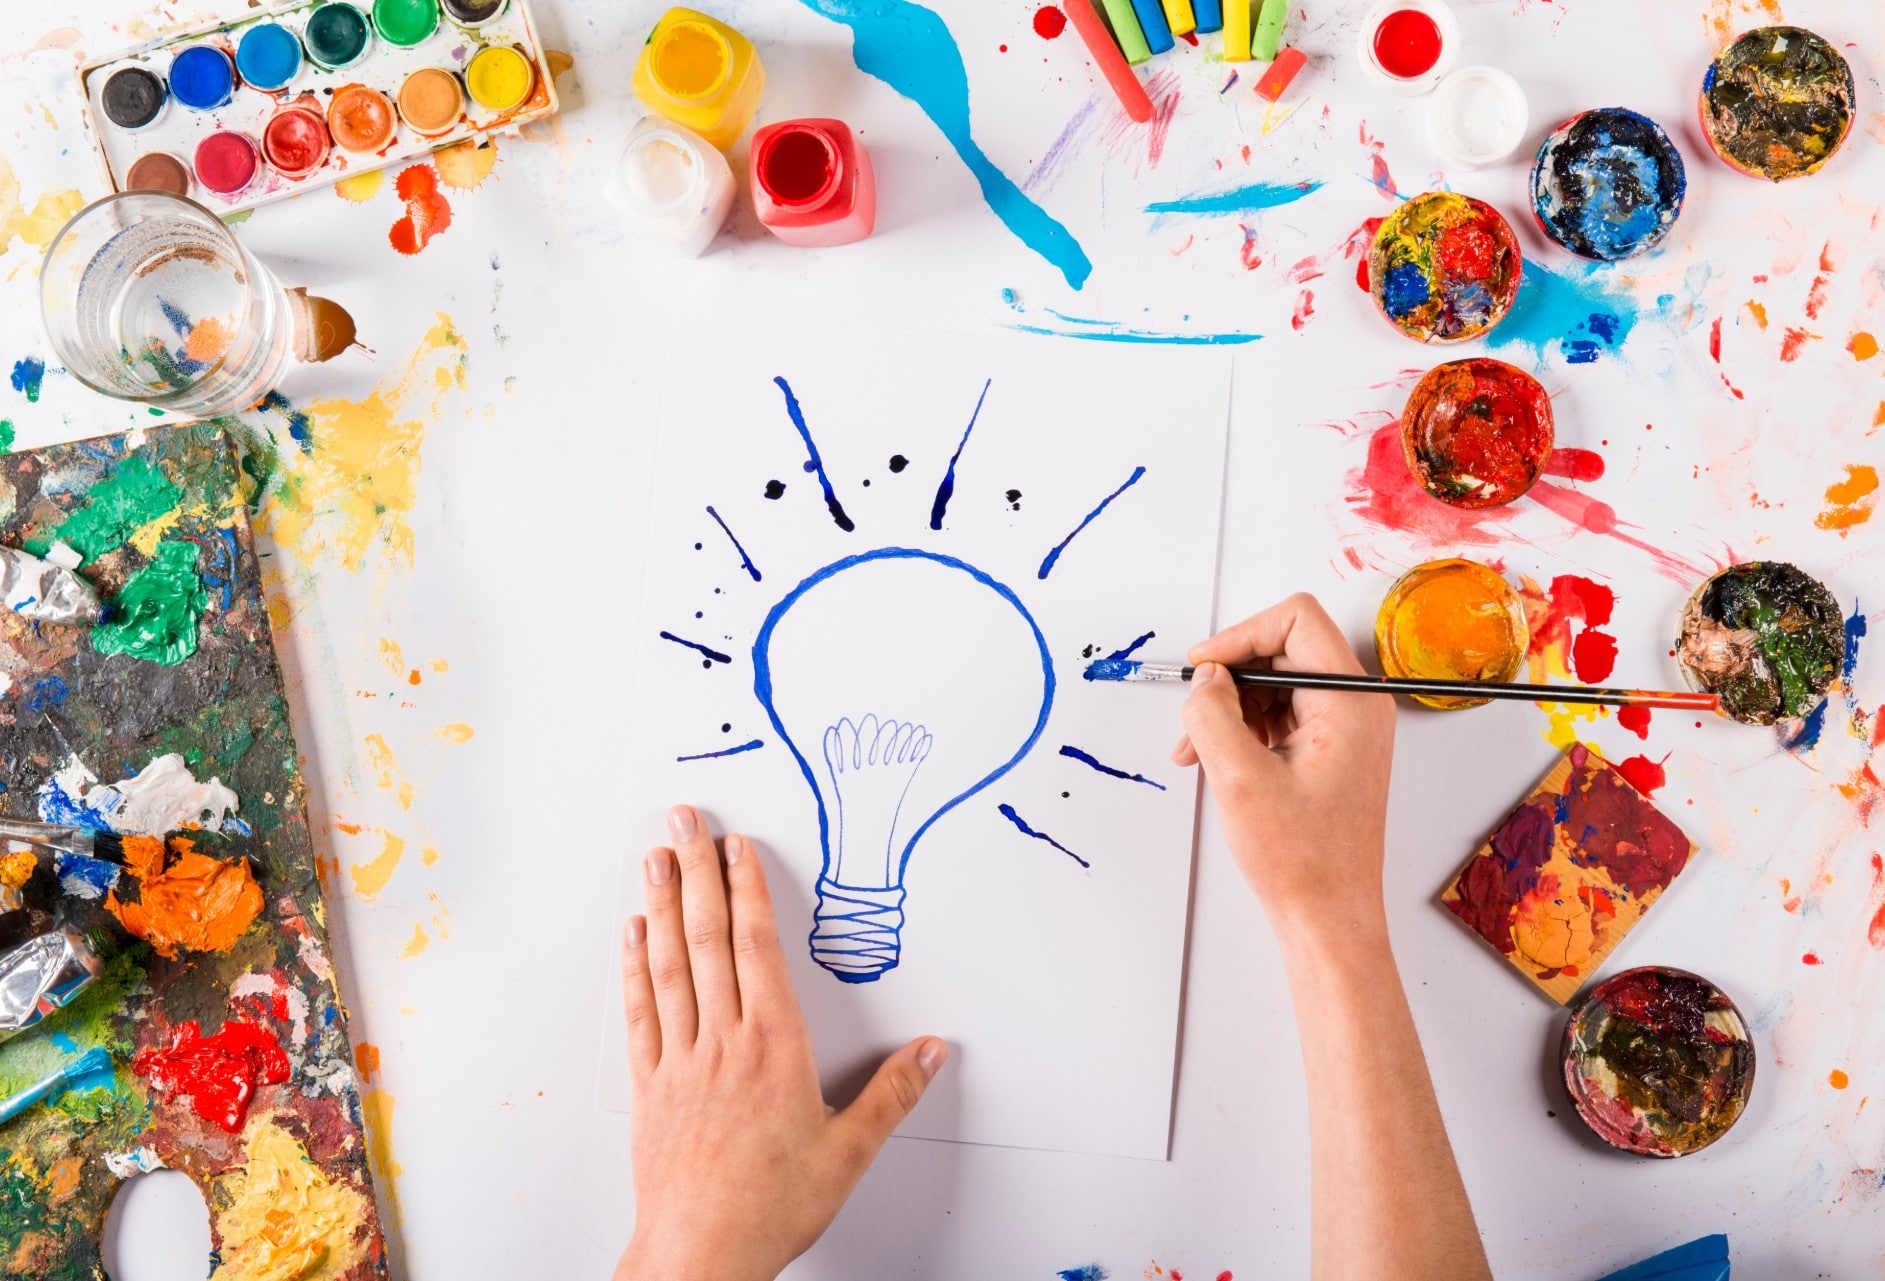 5 טיפים לפיתוח יצירתיות